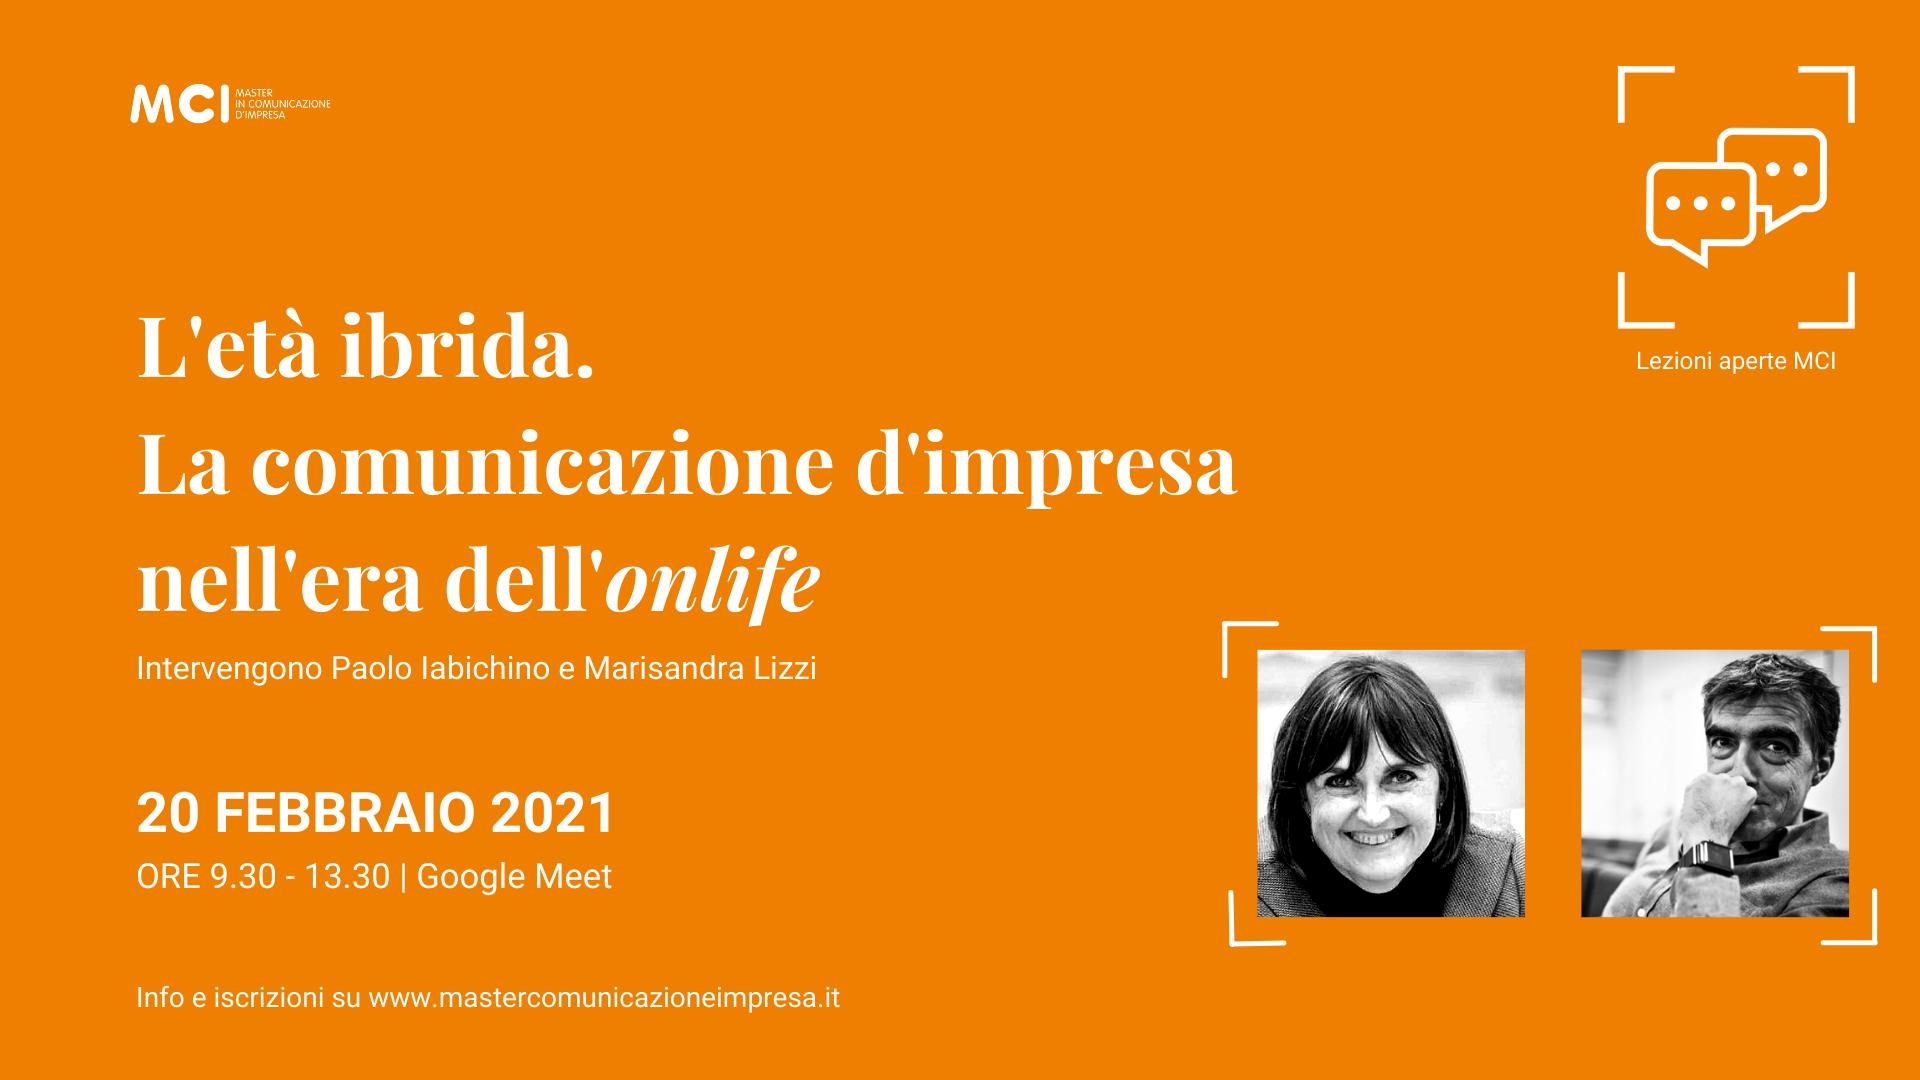 Lezione aperta MCI con Paolo Iabichino e Marisandra Lizzi